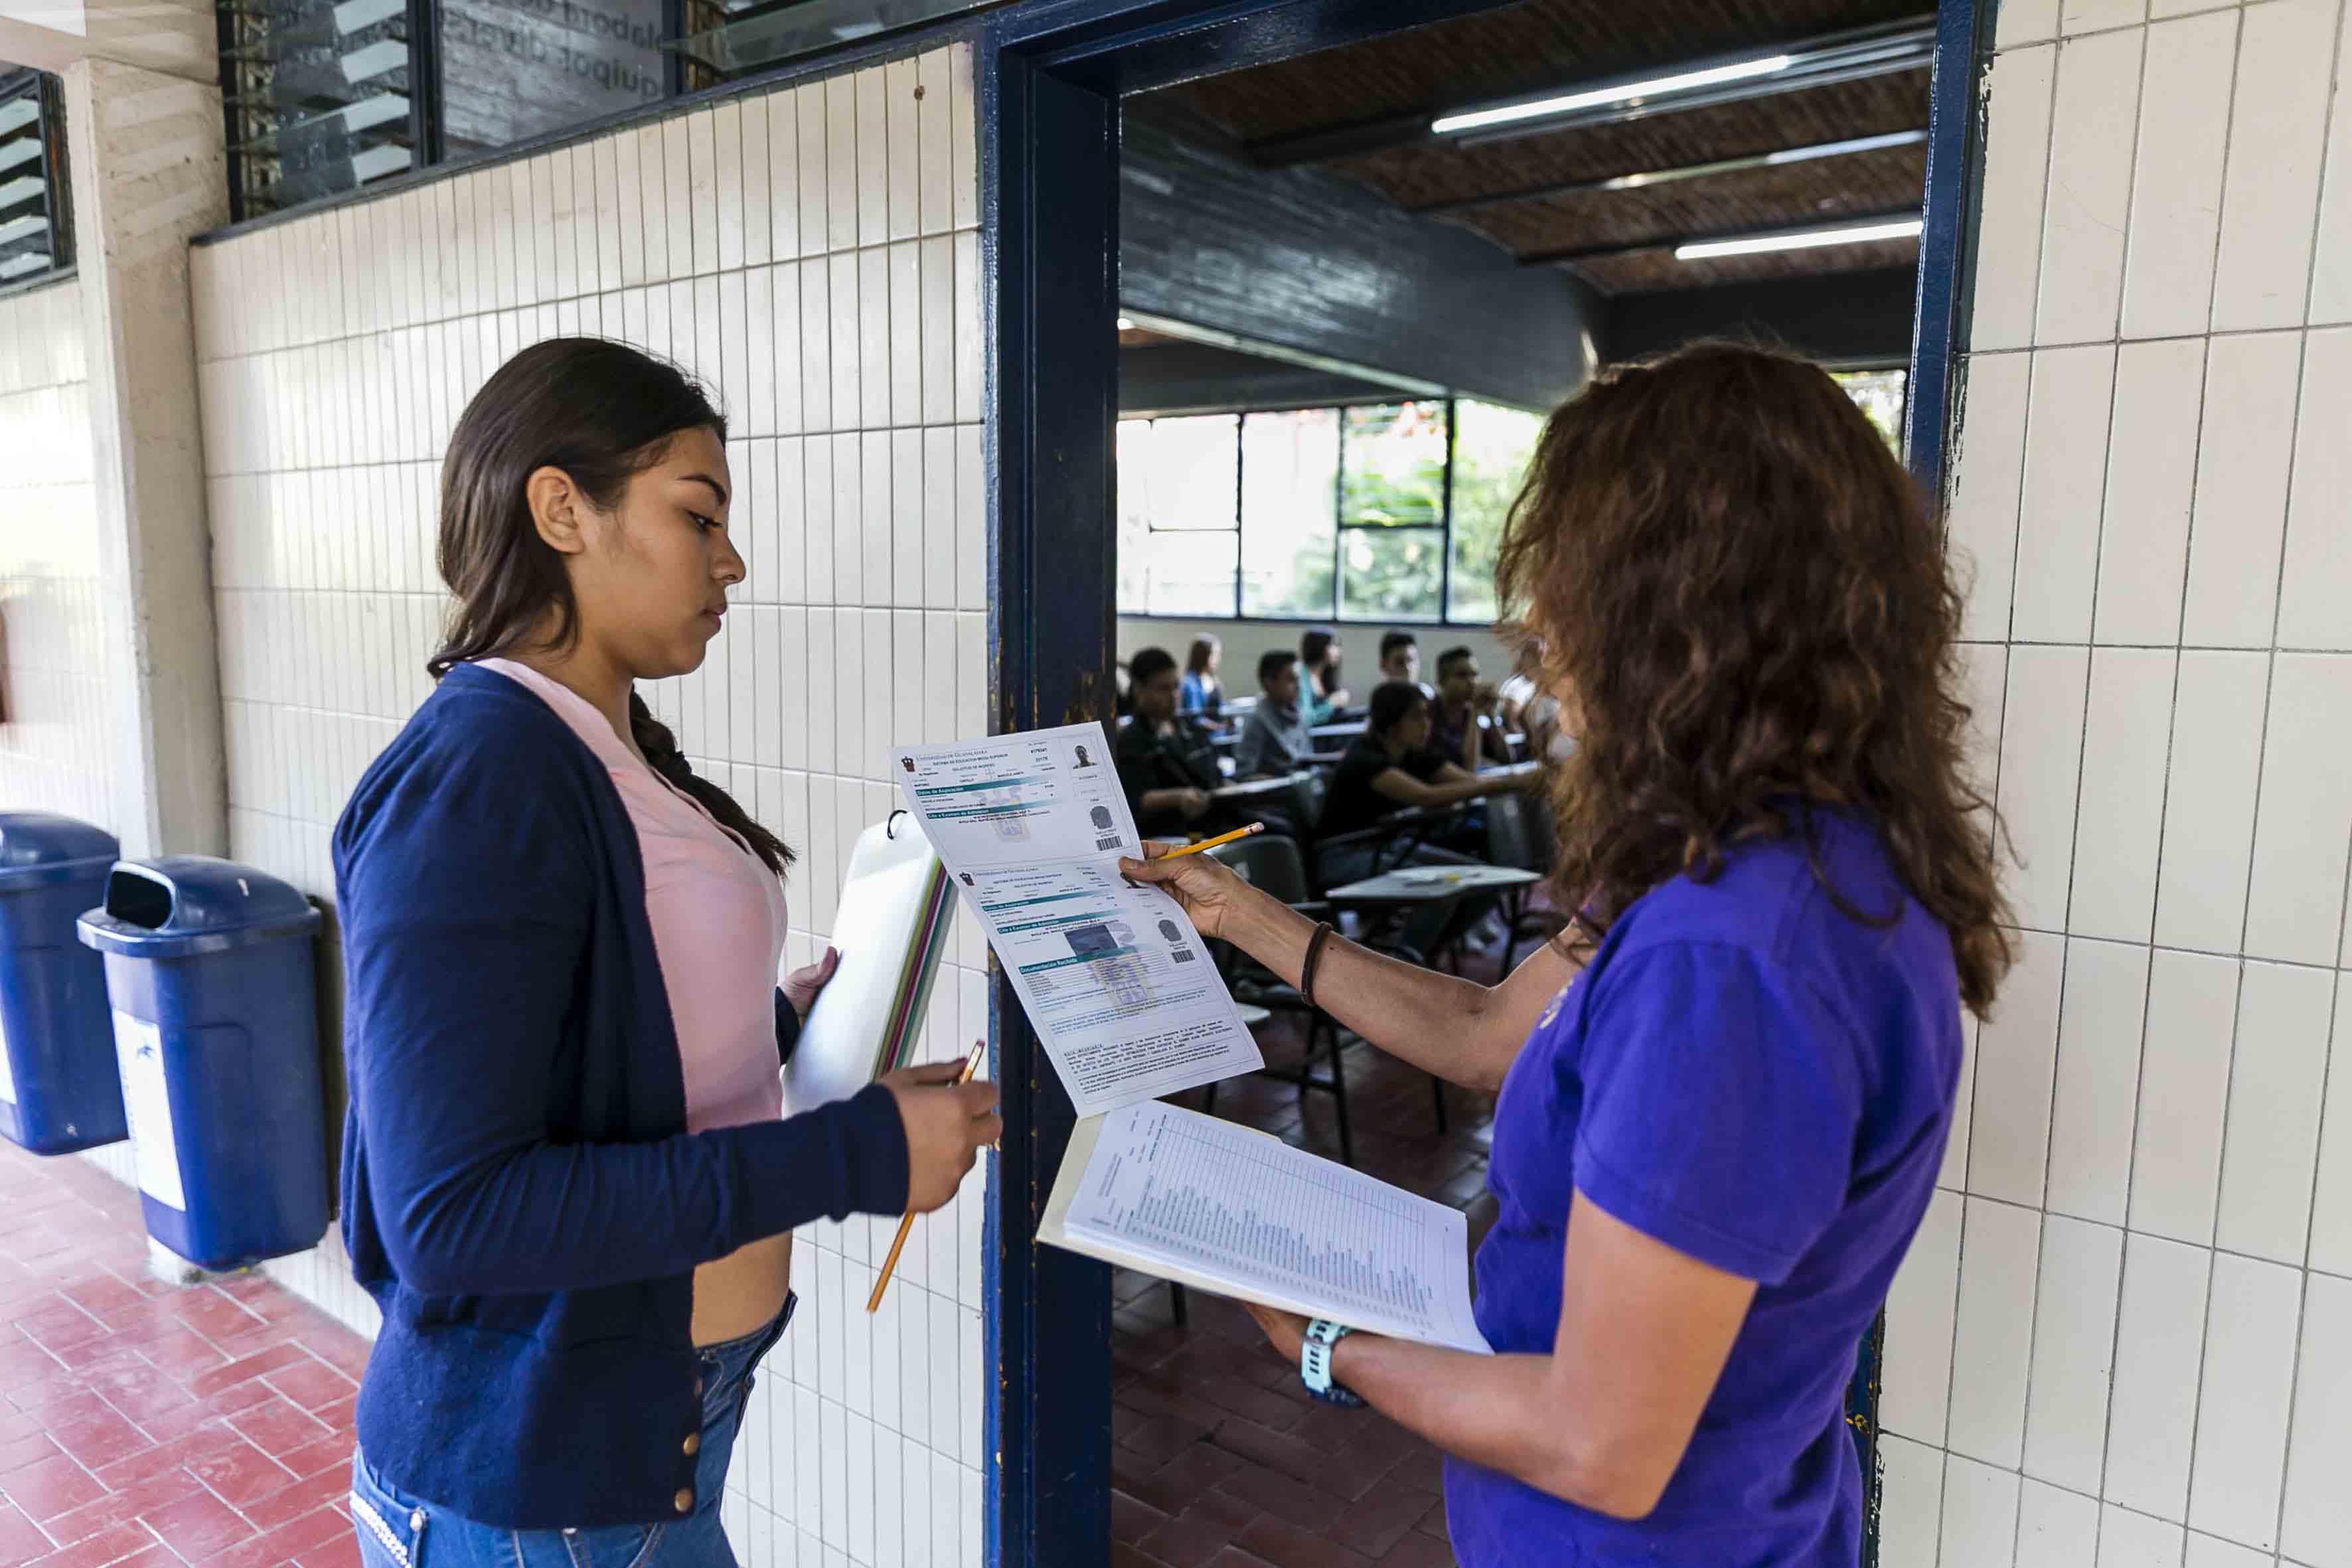 Aplicadora de examen checando la solicitud de aspirante a preparatoria, con su listado.